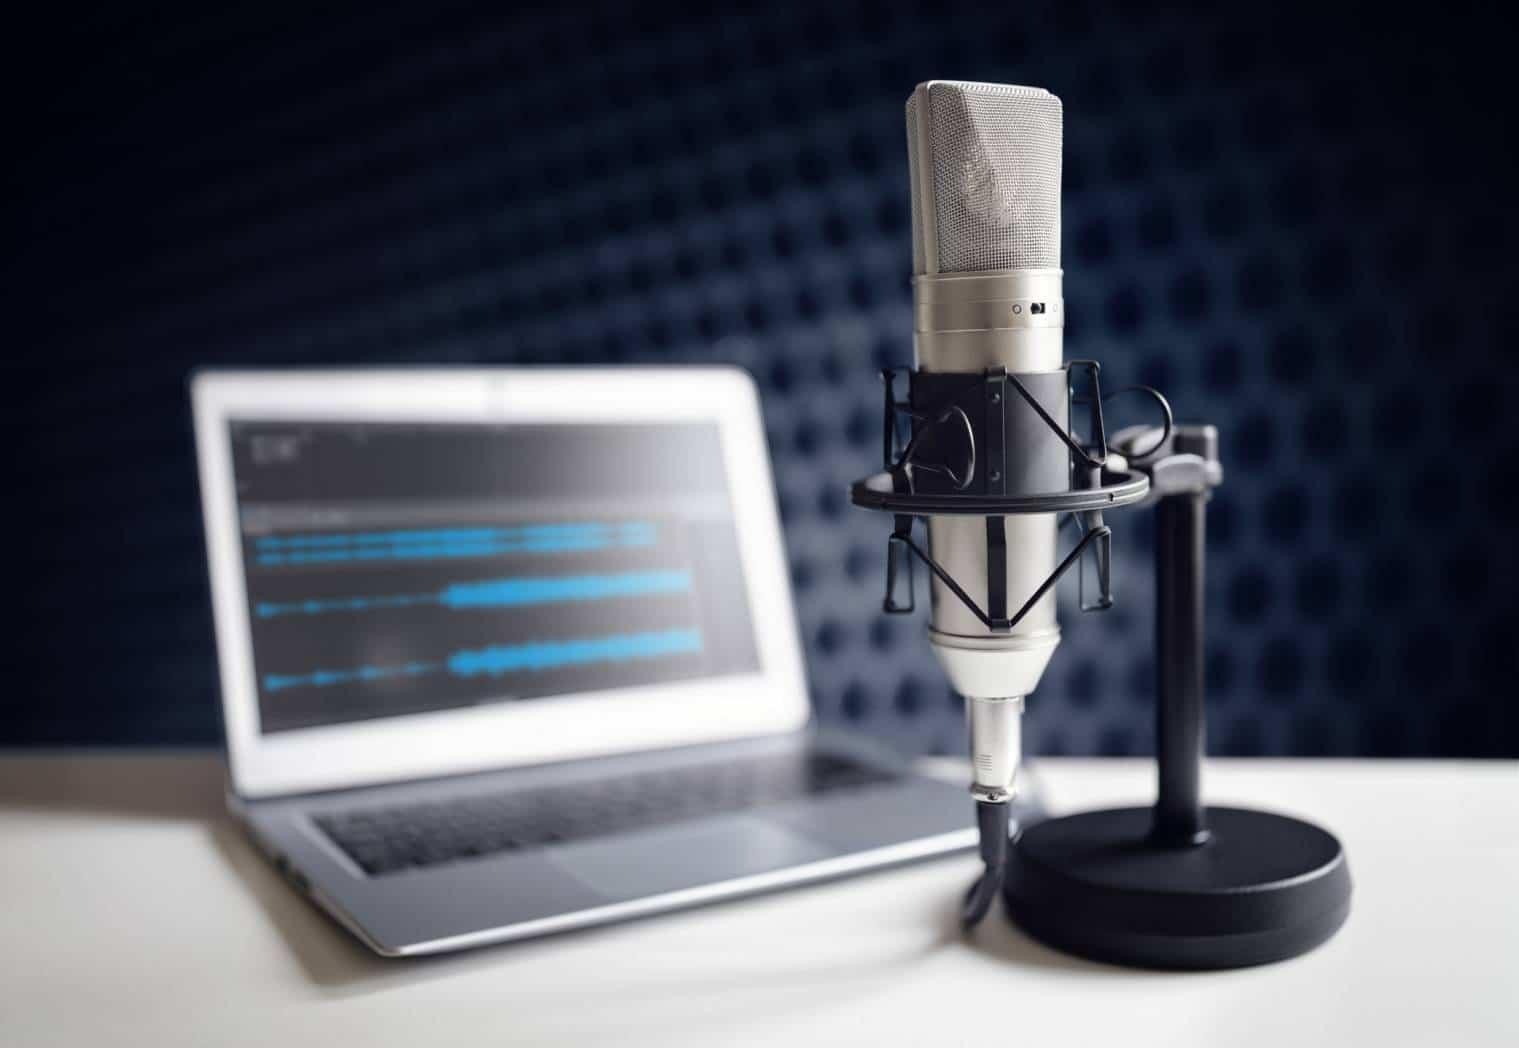 Comment écouter la radio sur son ordinateur ?